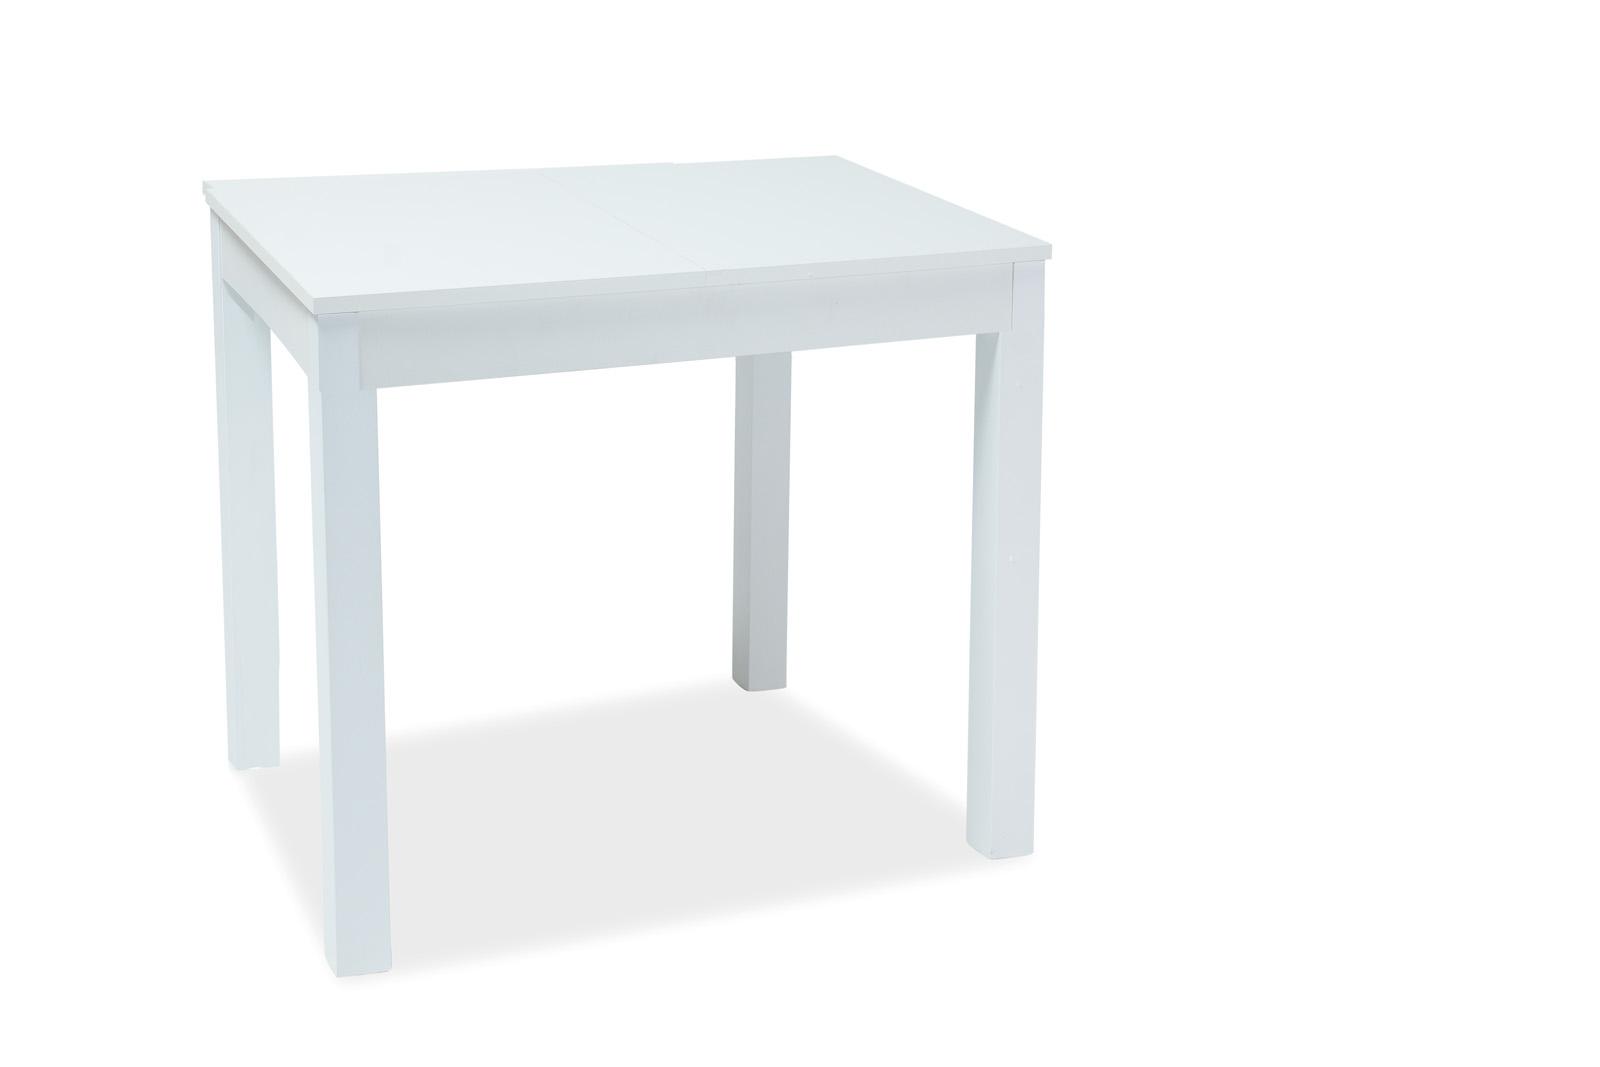 Masa extensibila din pal Eldo White, L80-160xl80xh75 cm